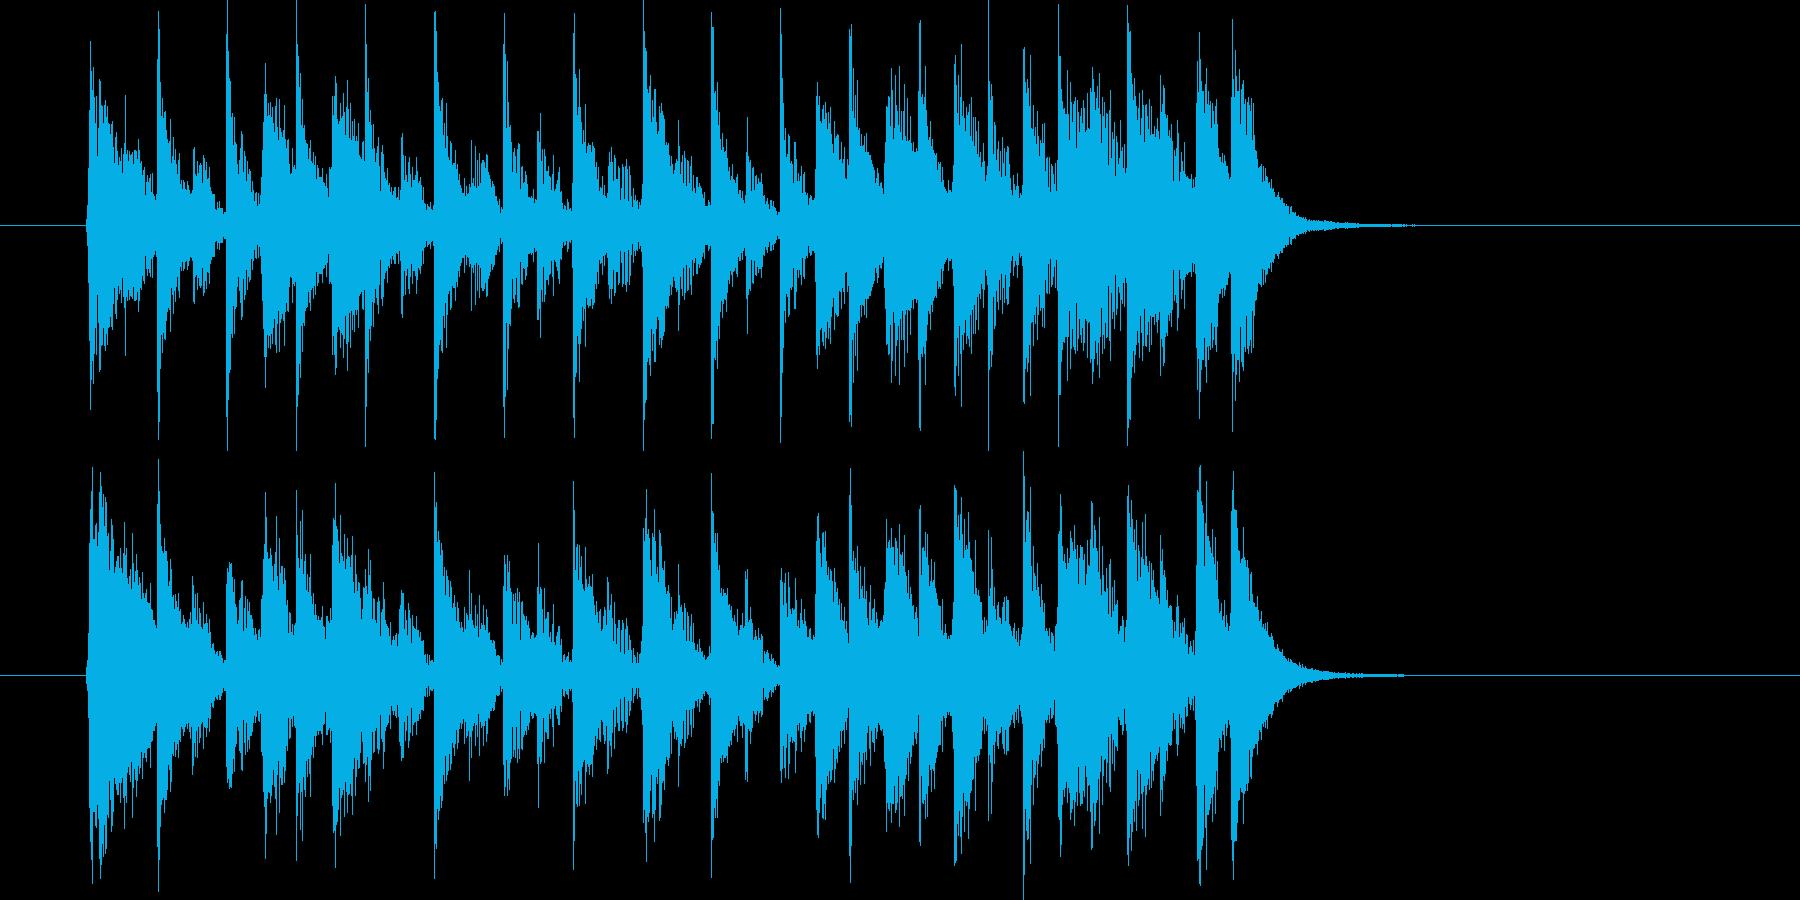 ムーディでメロディアスなシンセジングルの再生済みの波形